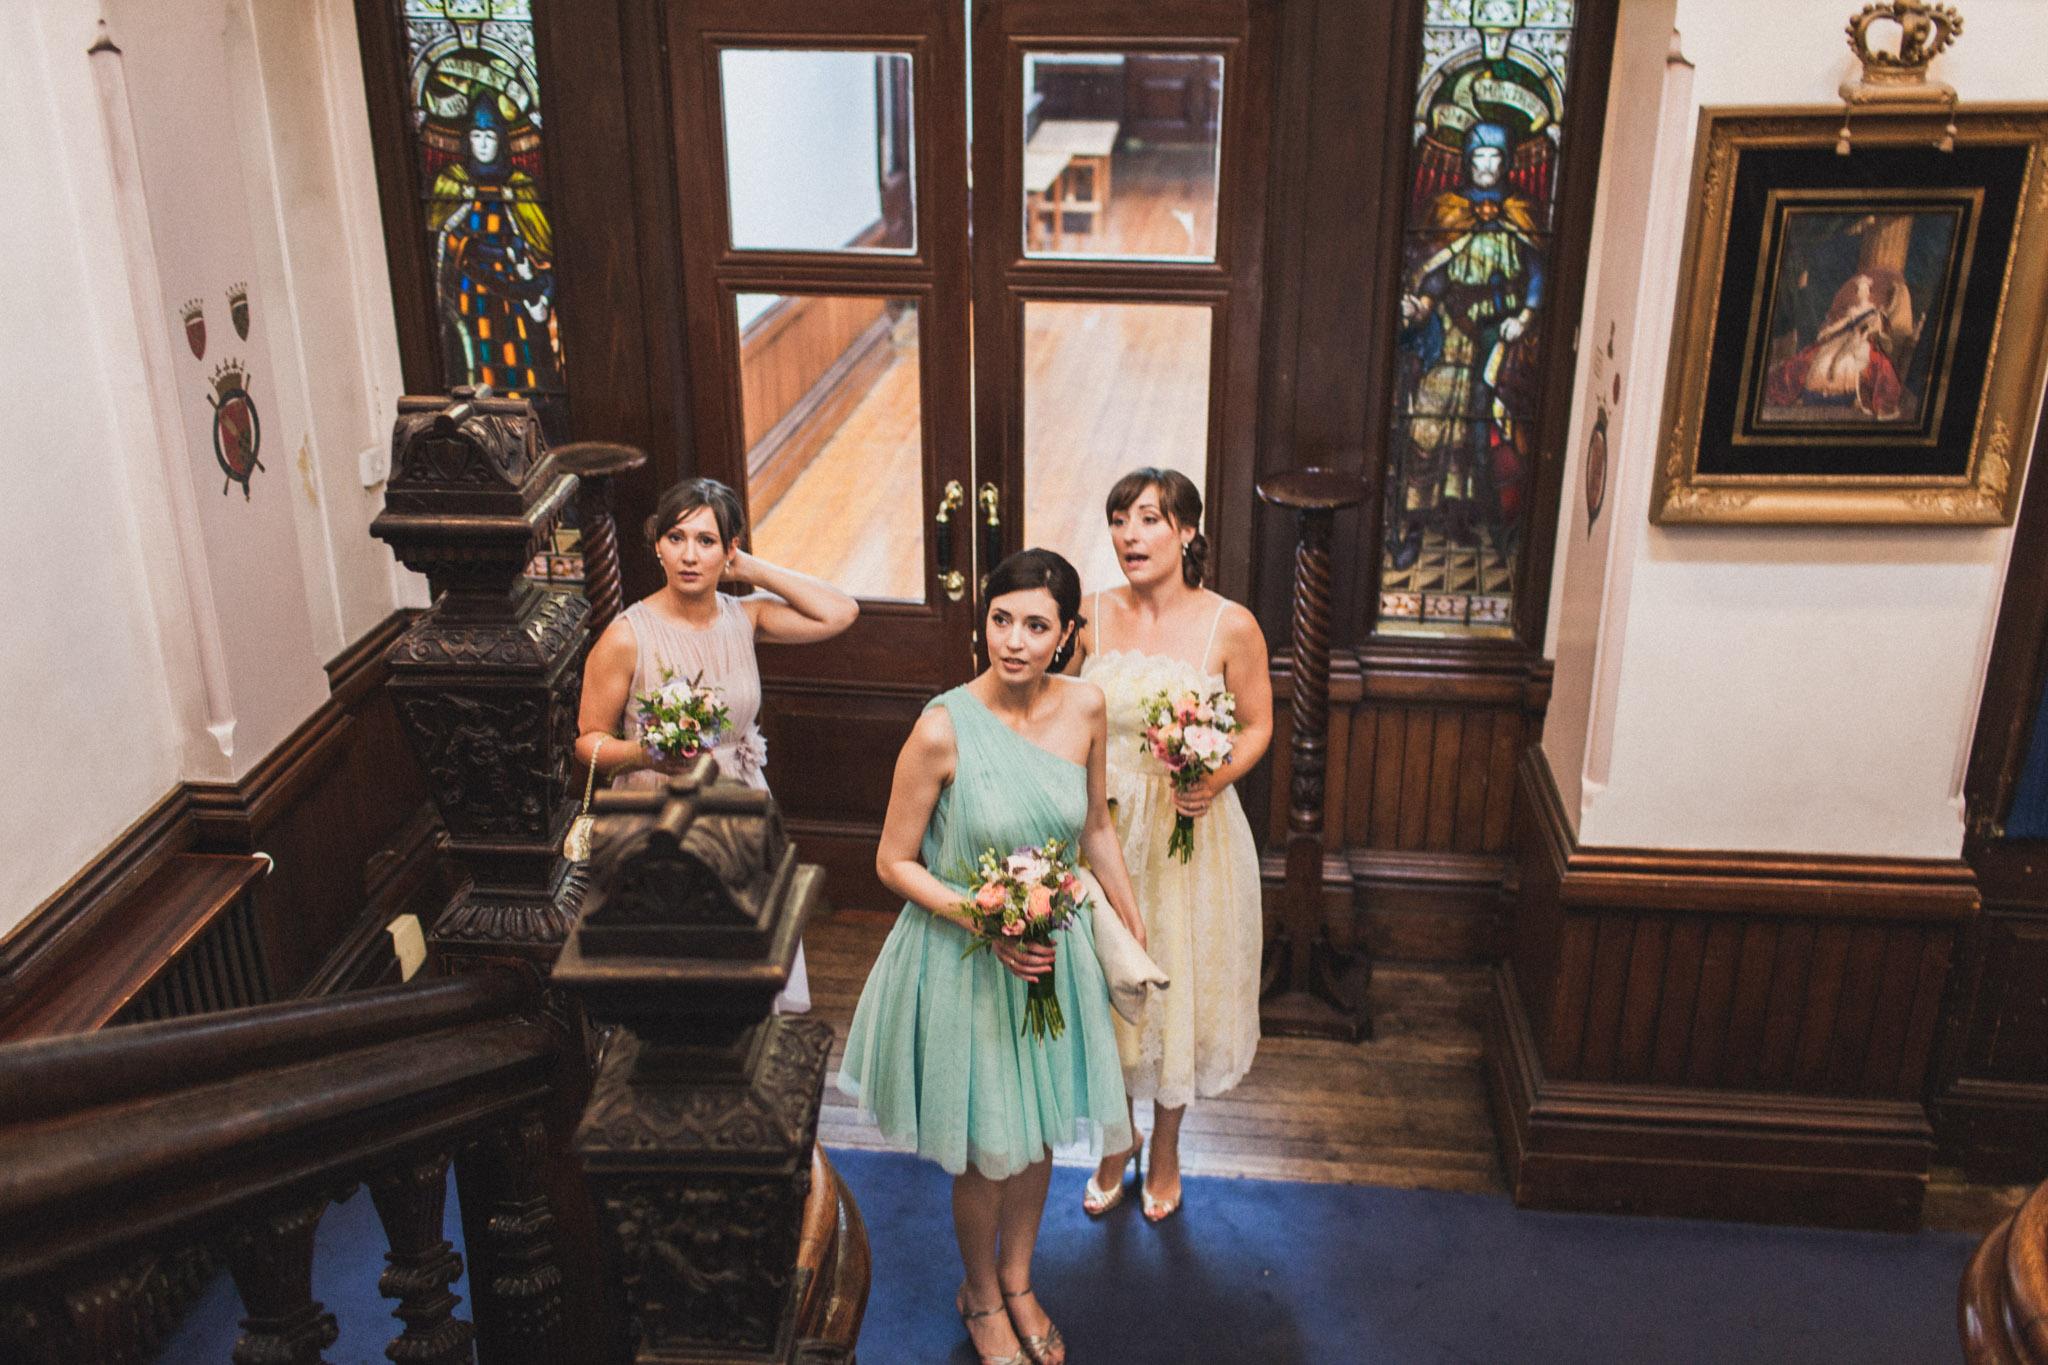 lewes_wedding_photographer_0038.jpg